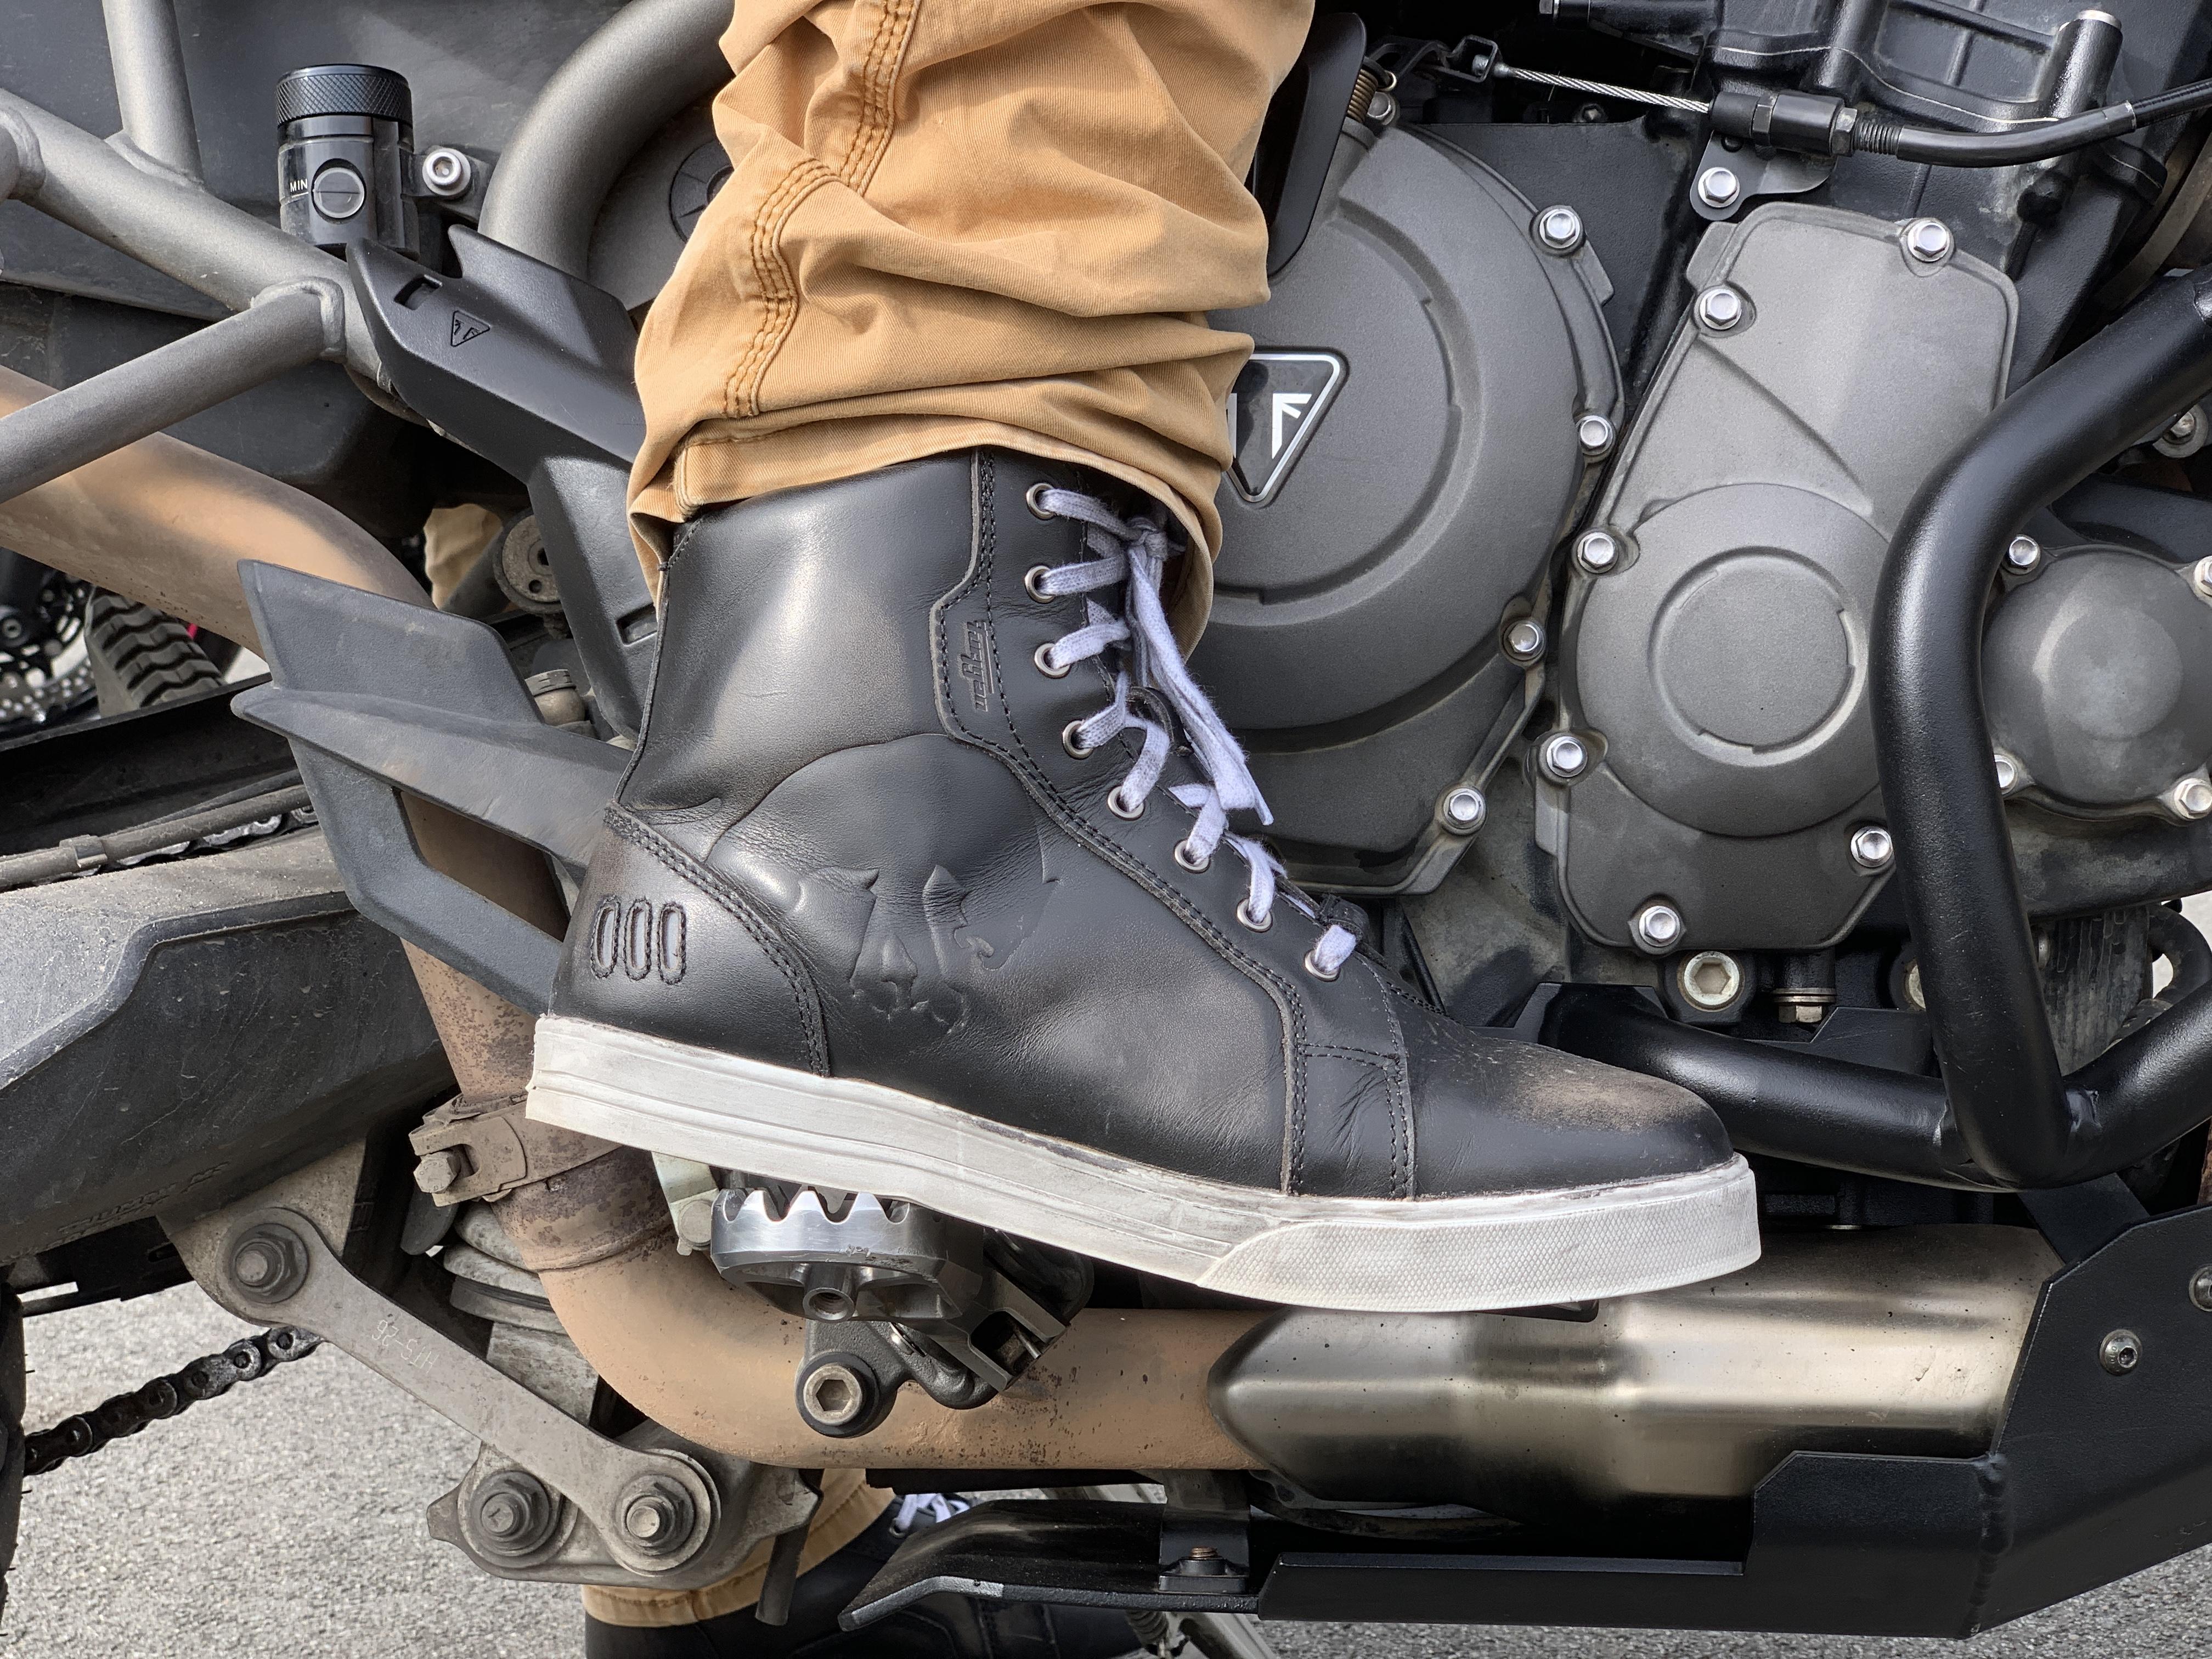 Zapatillas Furygan RIO D3O Sympatex: unas buenas zapatillas para controlar los pedales